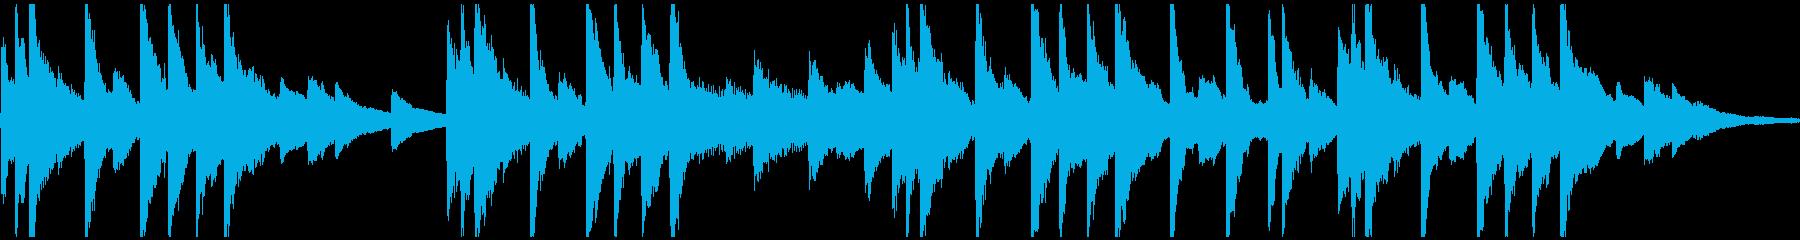 ピアノフレーズが悲しいBGMの再生済みの波形